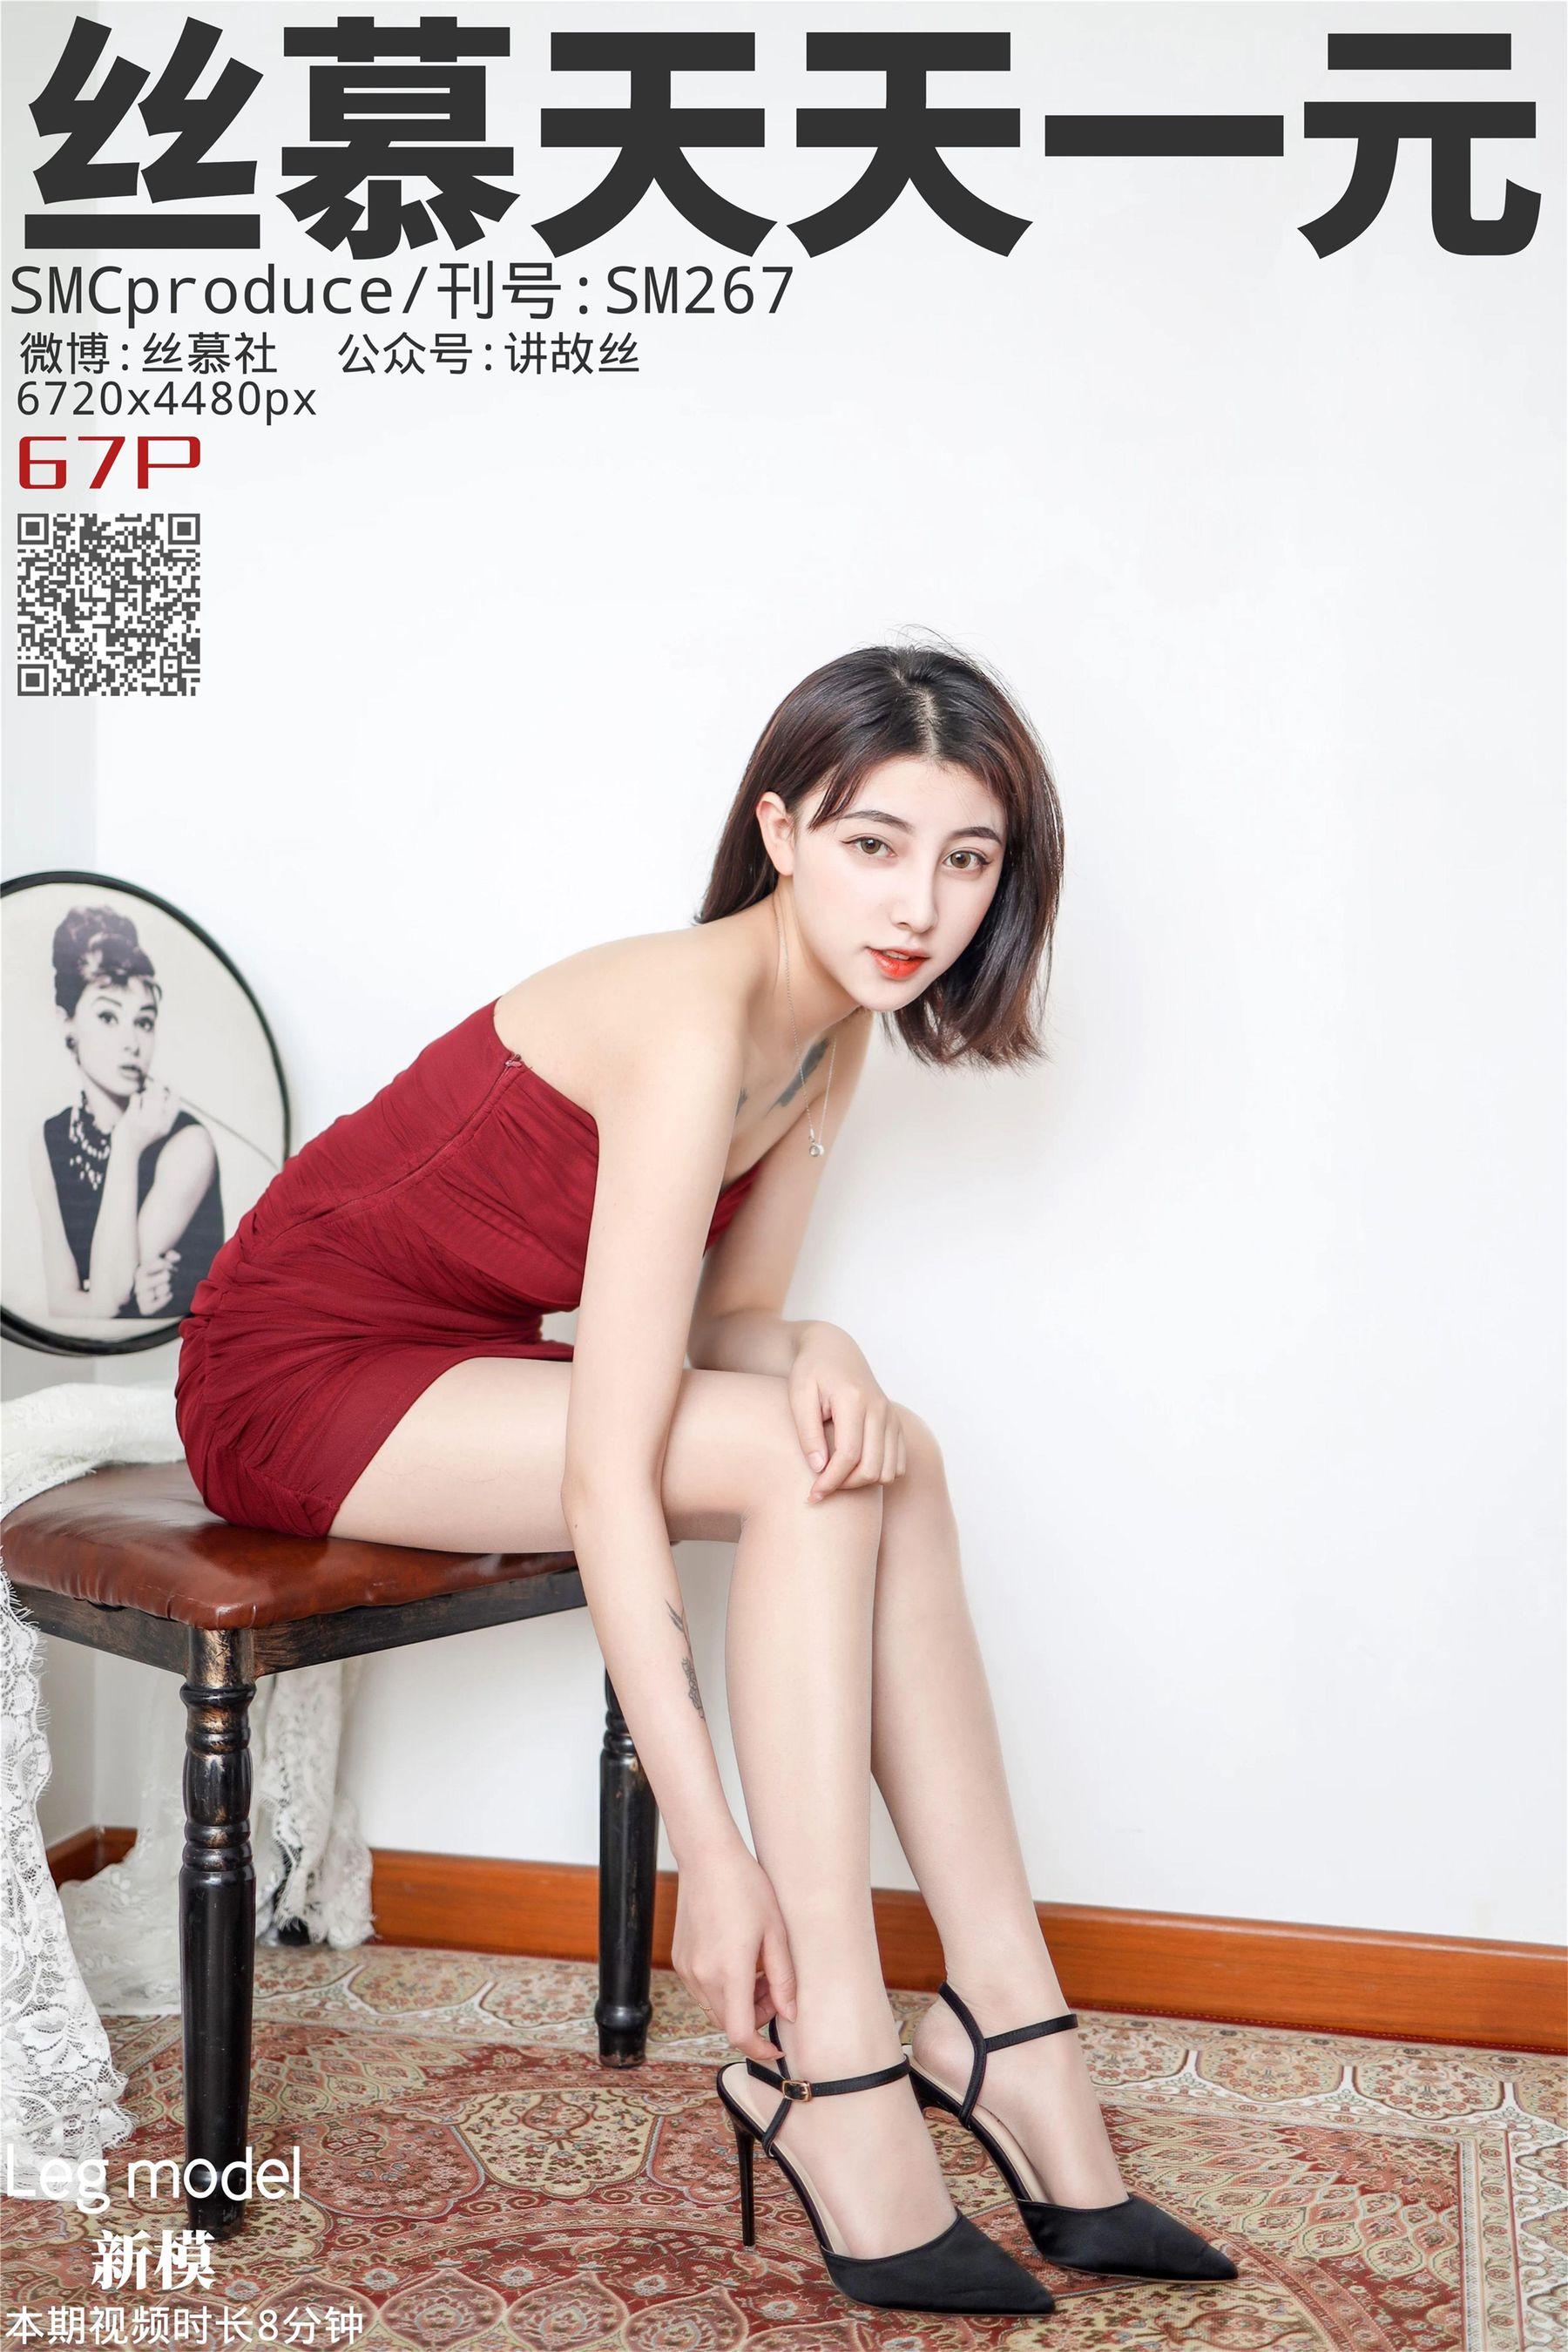 [丝慕]新模SM267超高清写真大图片(70P) 35热度